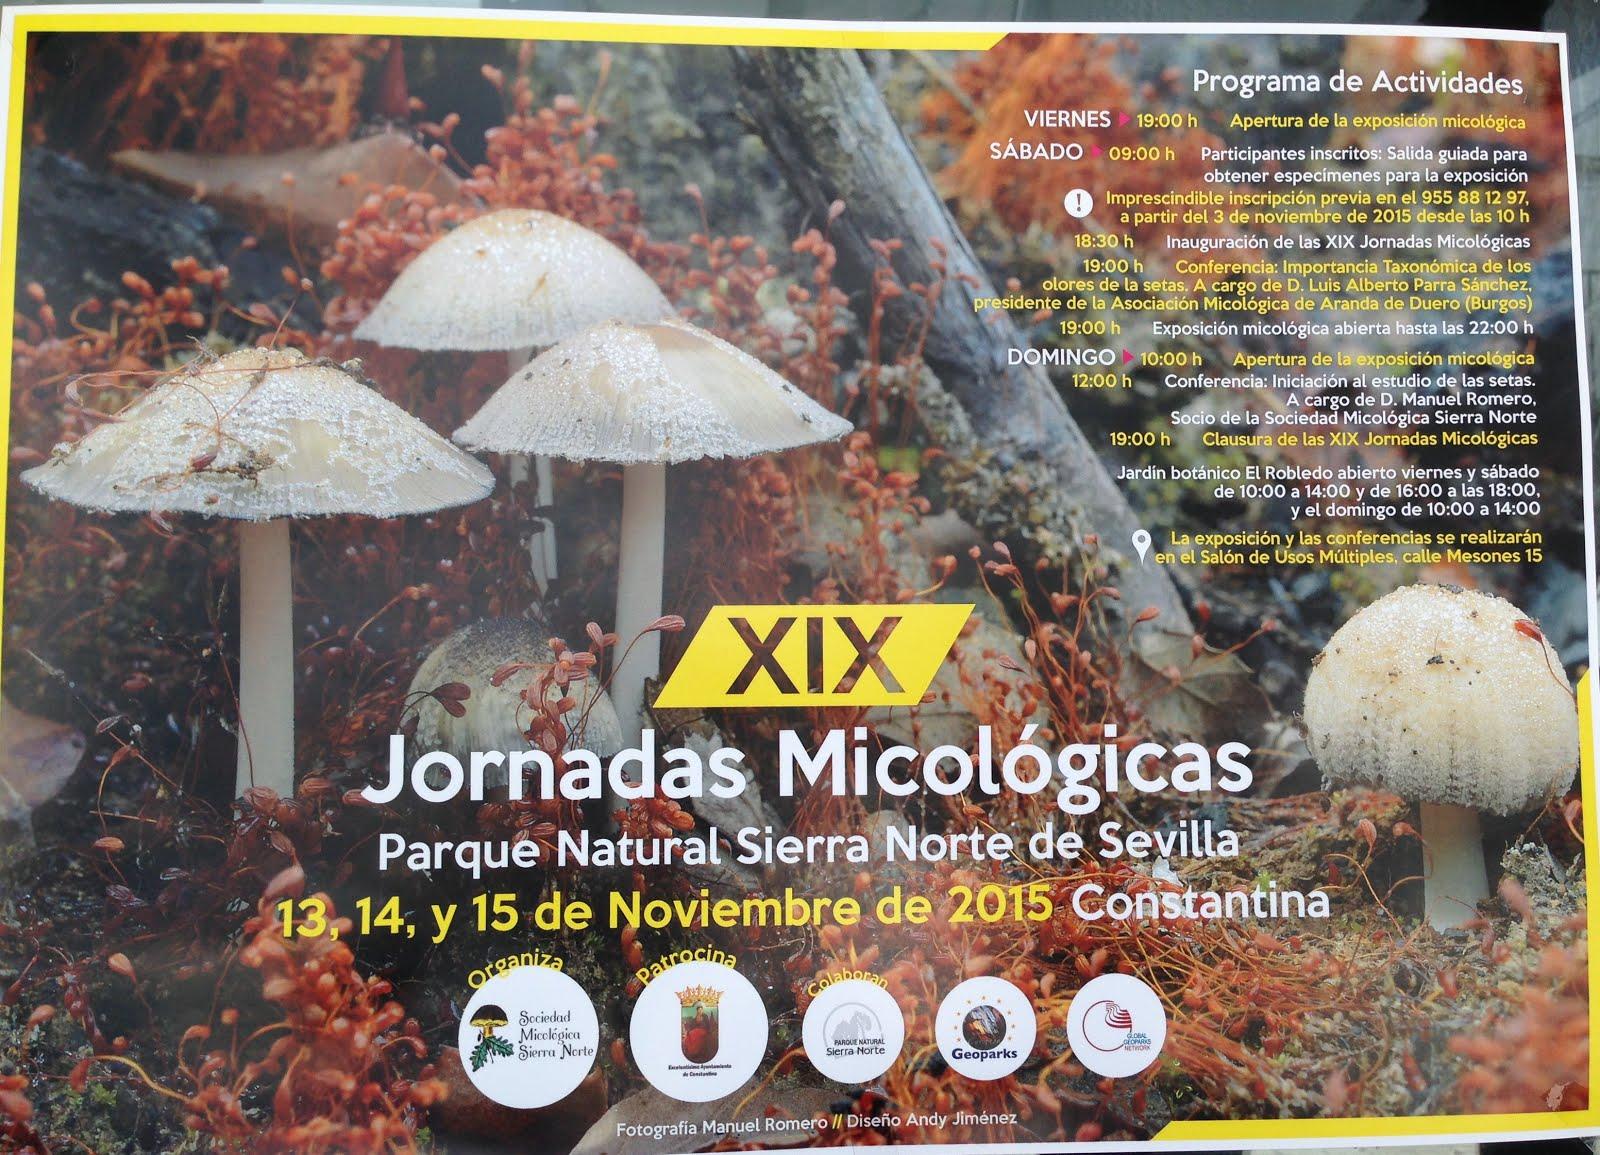 XIX Jornadas Micológicas